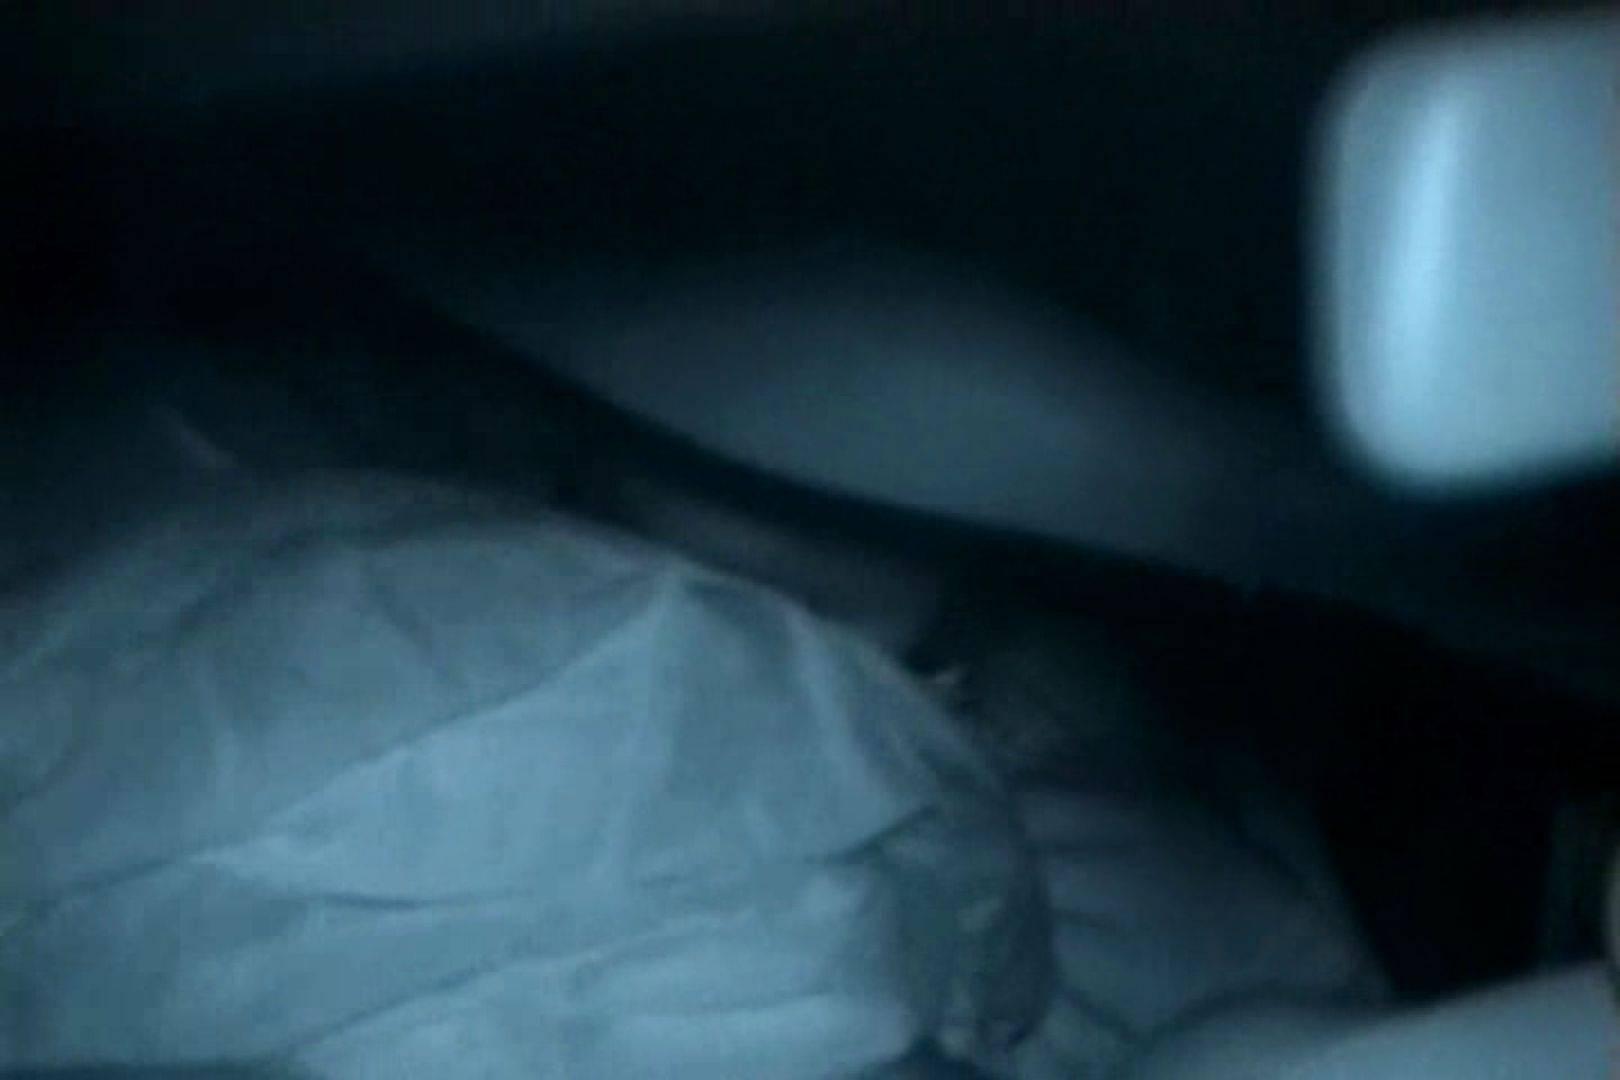 充血監督の深夜の運動会Vol.130 カップルのセックス スケベ動画紹介 70PIX 58